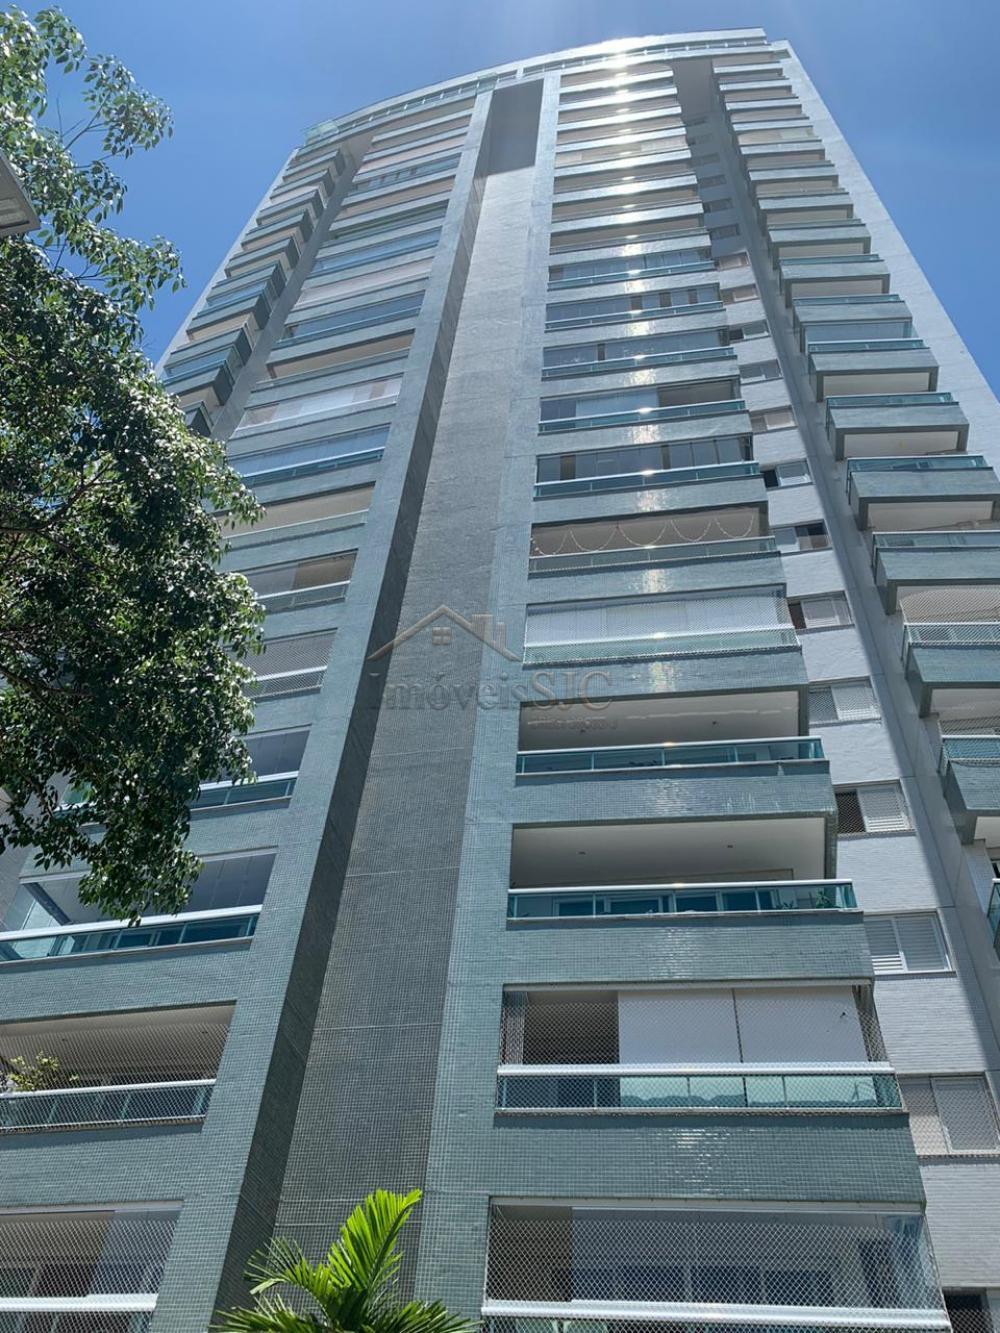 Alugar Apartamentos / Cobertura em São José dos Campos apenas R$ 4.900,00 - Foto 1